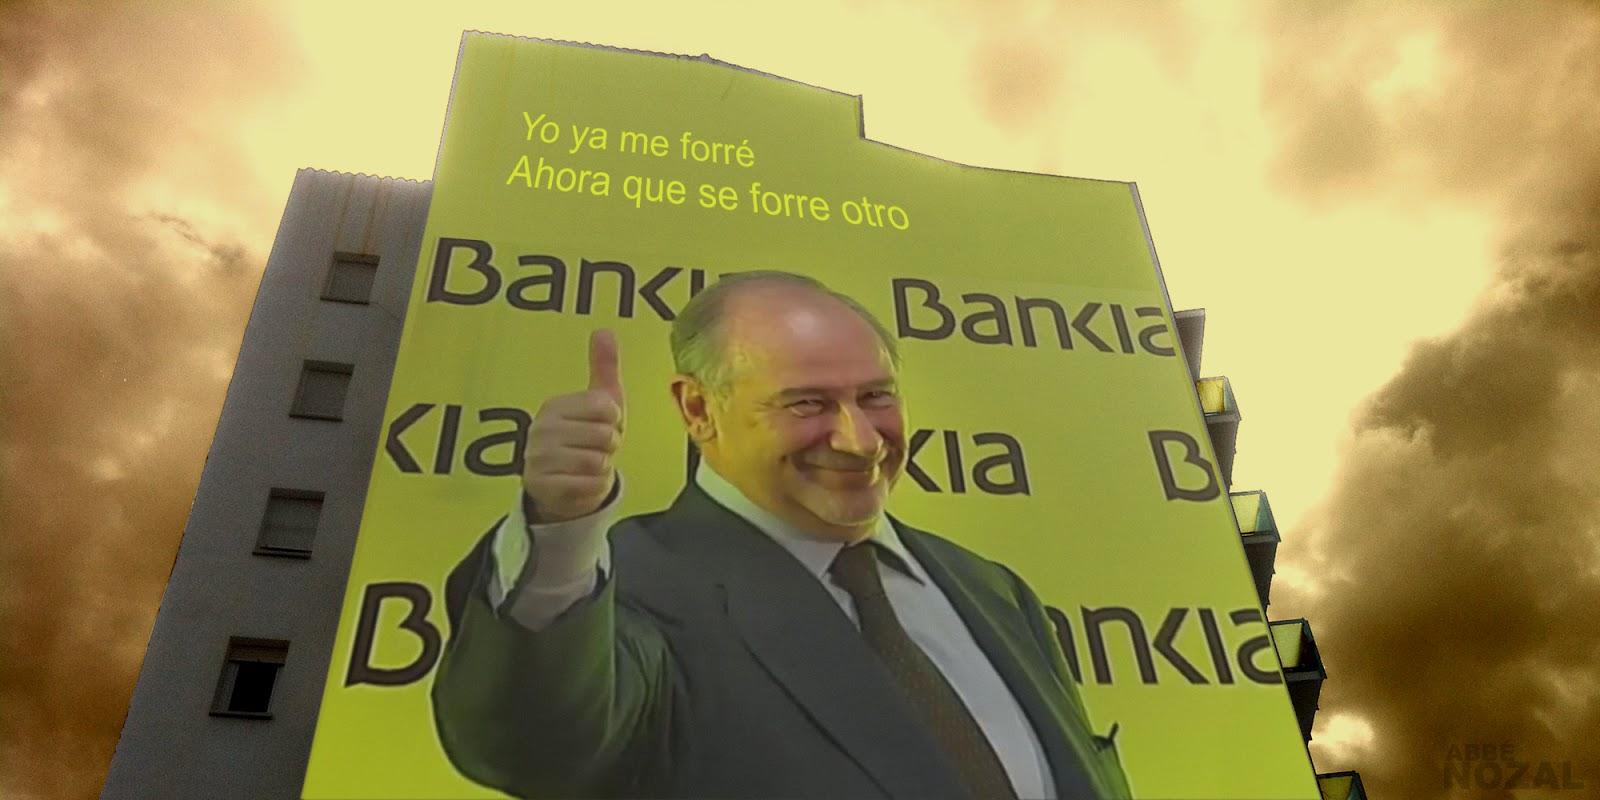 Forrarse, 2014 Abbé Nozal